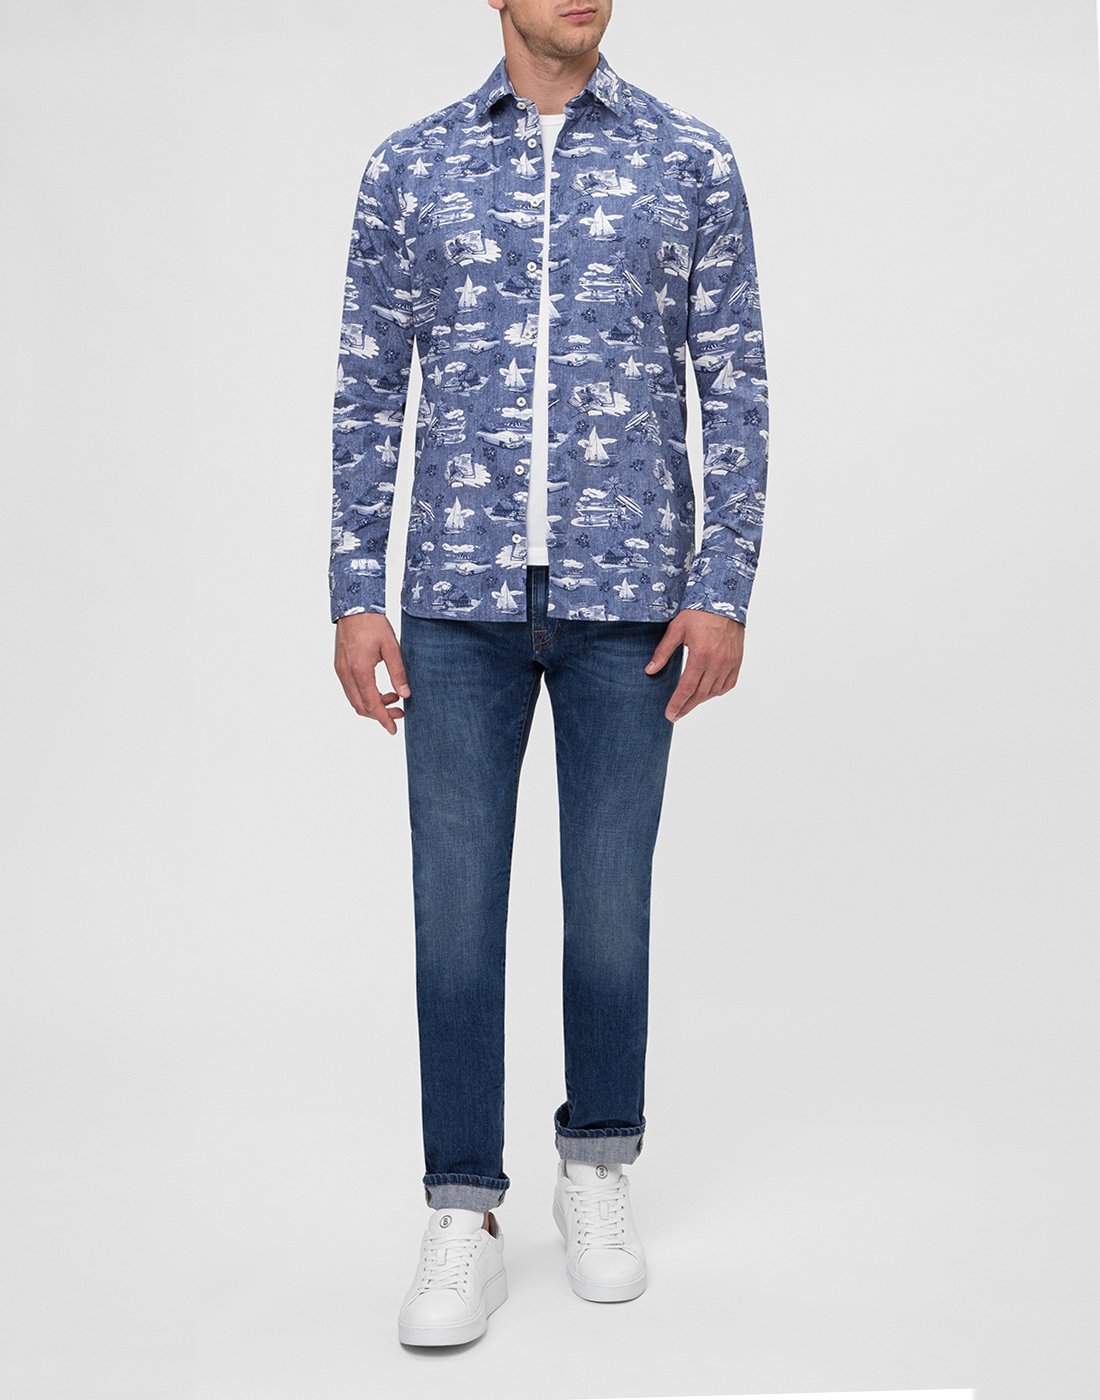 Мужская синяя рубашка с принтом Van Laack S170160/780-5